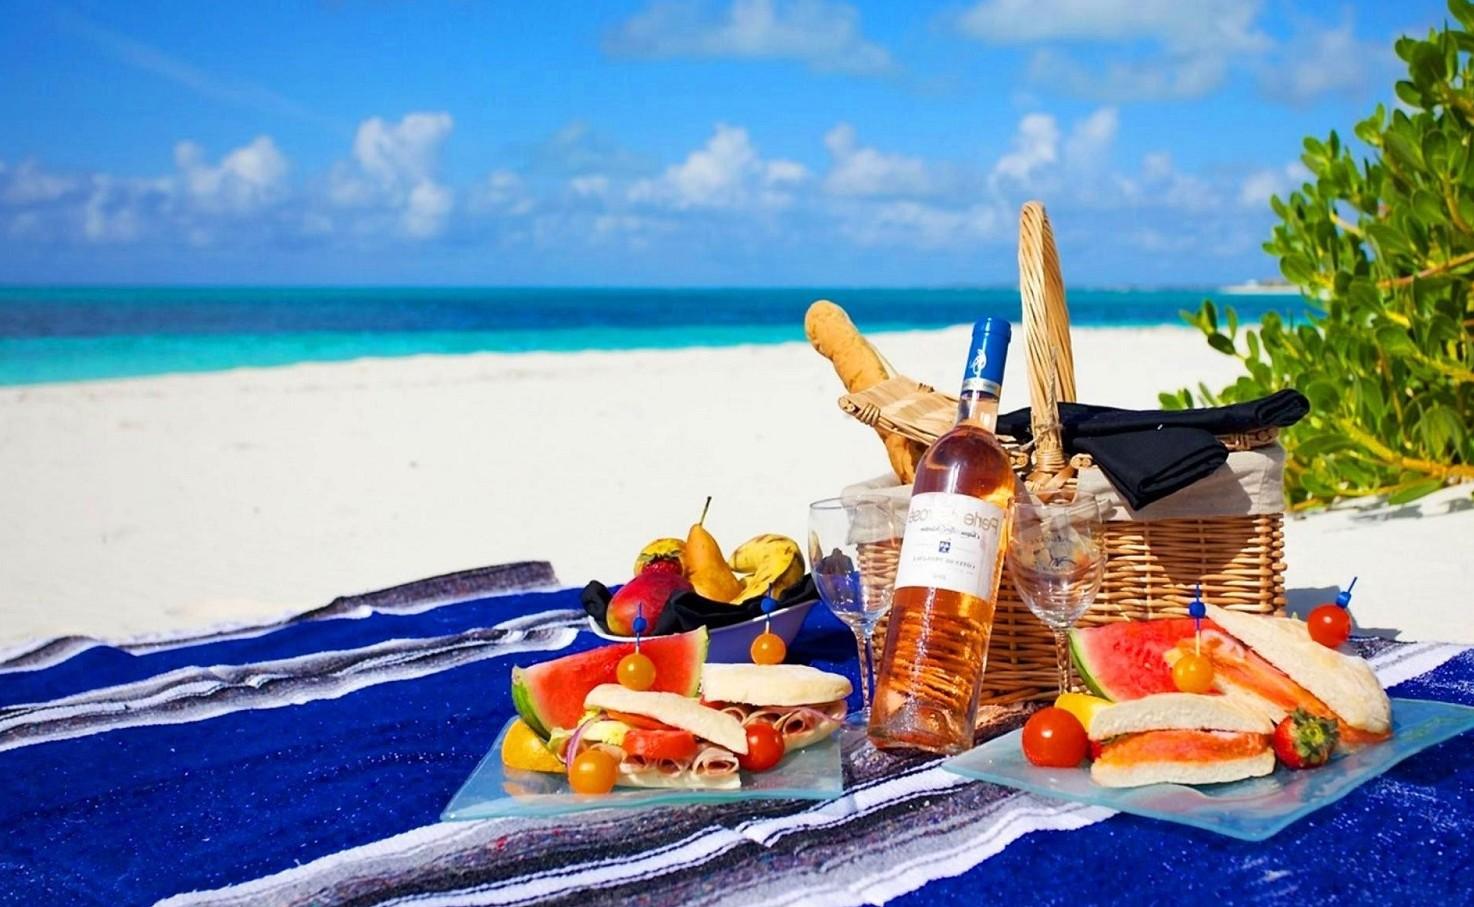 Pranzo in spiaggia, quali errori evitare